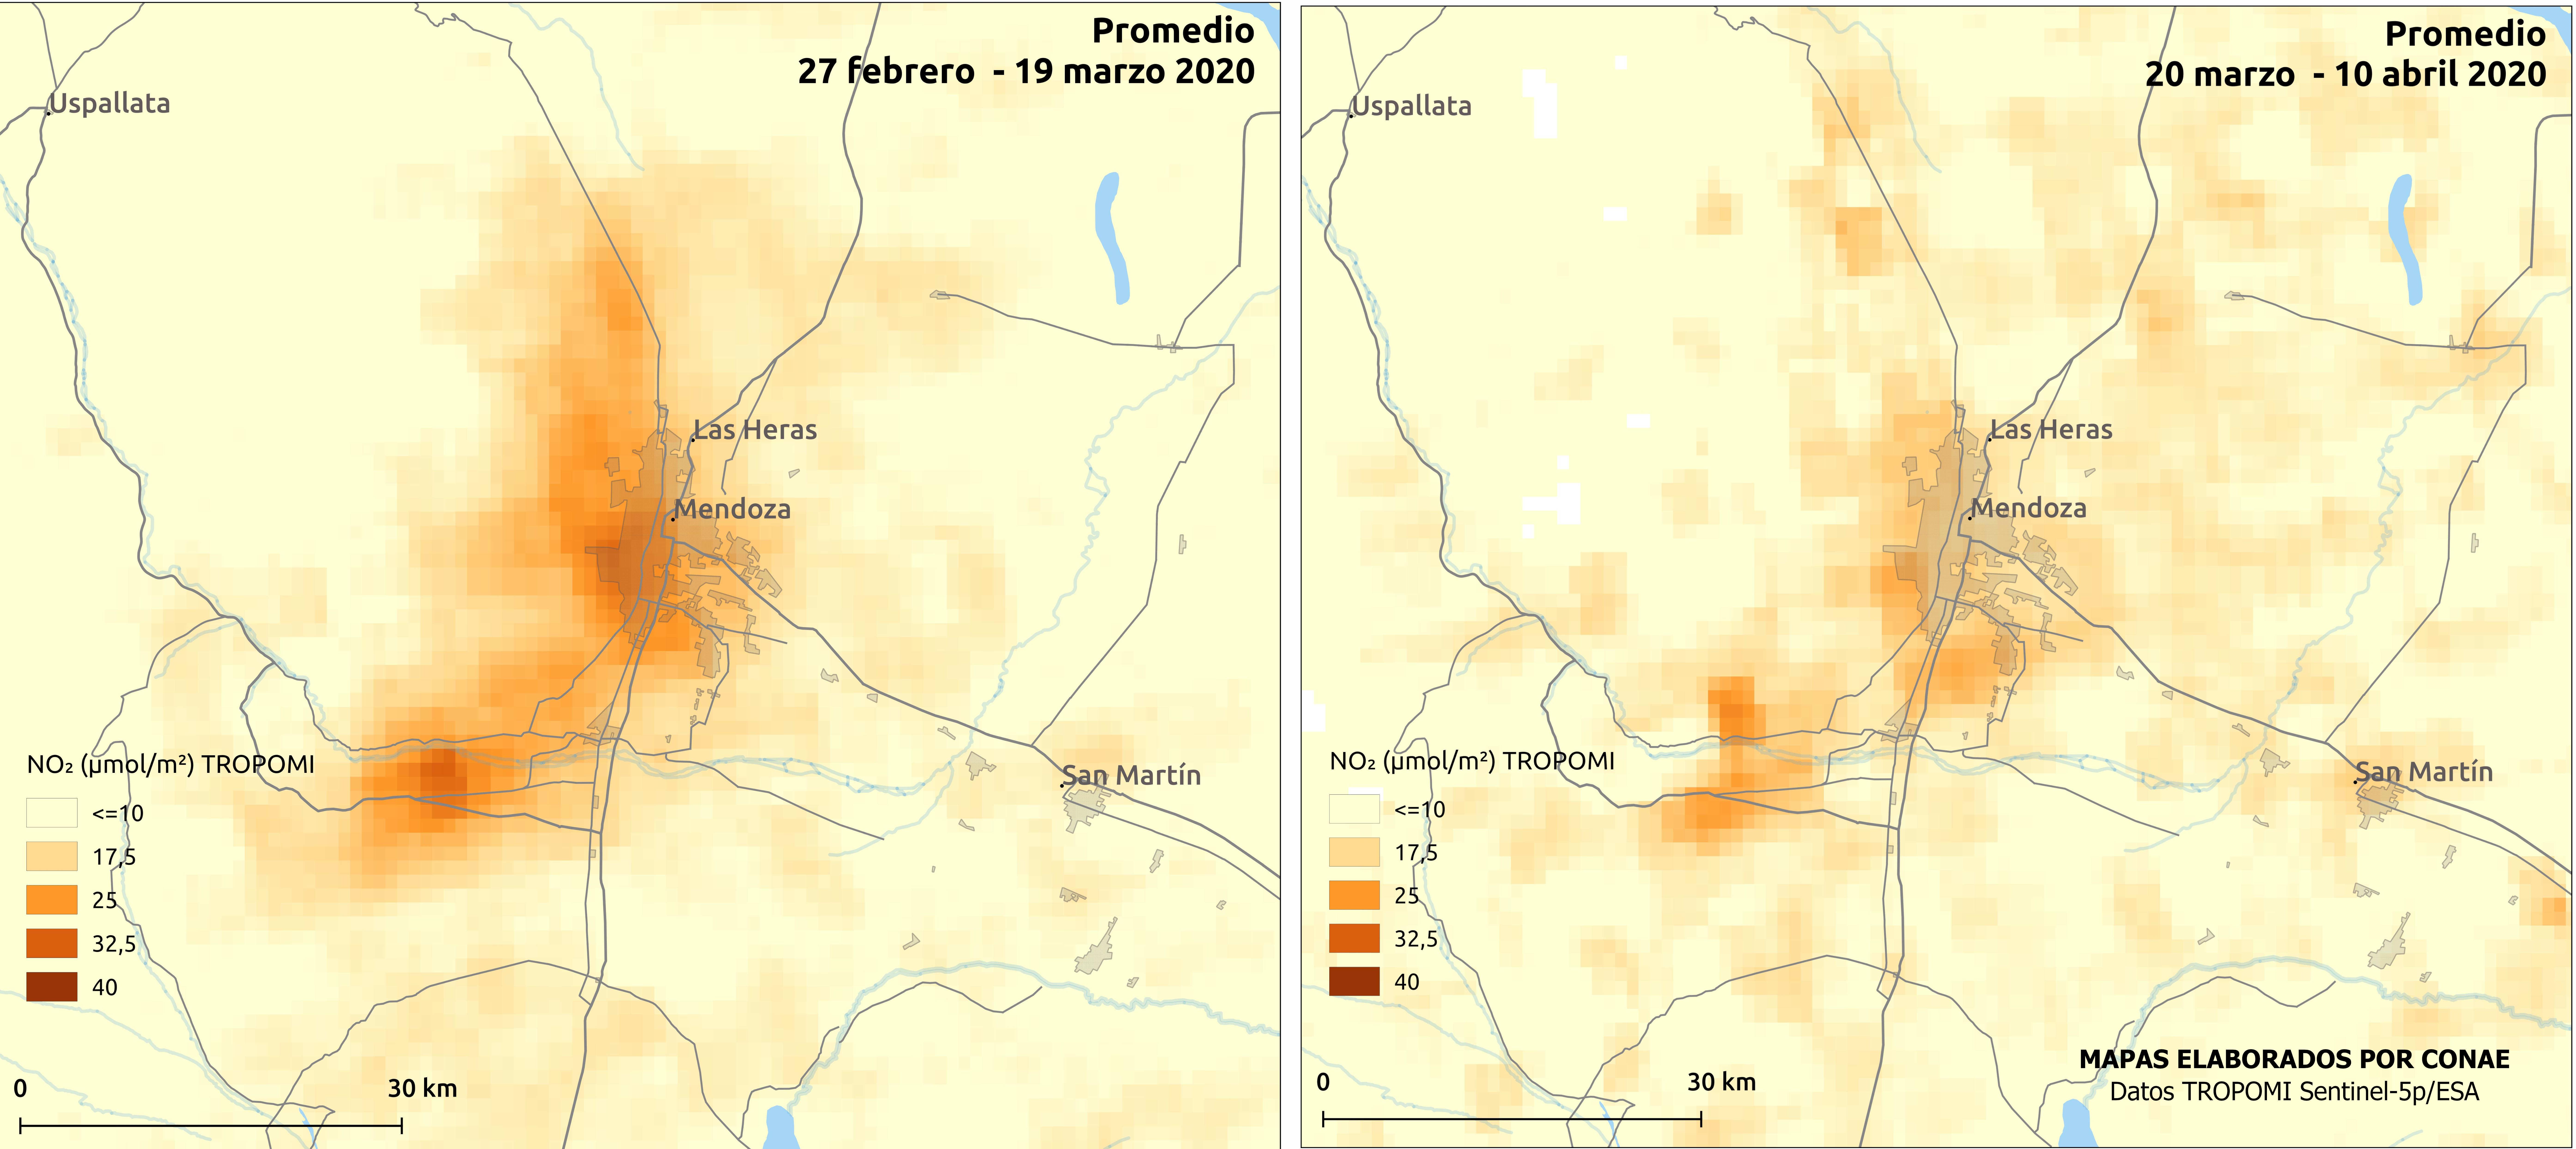 Mapa comparativo Mendoza